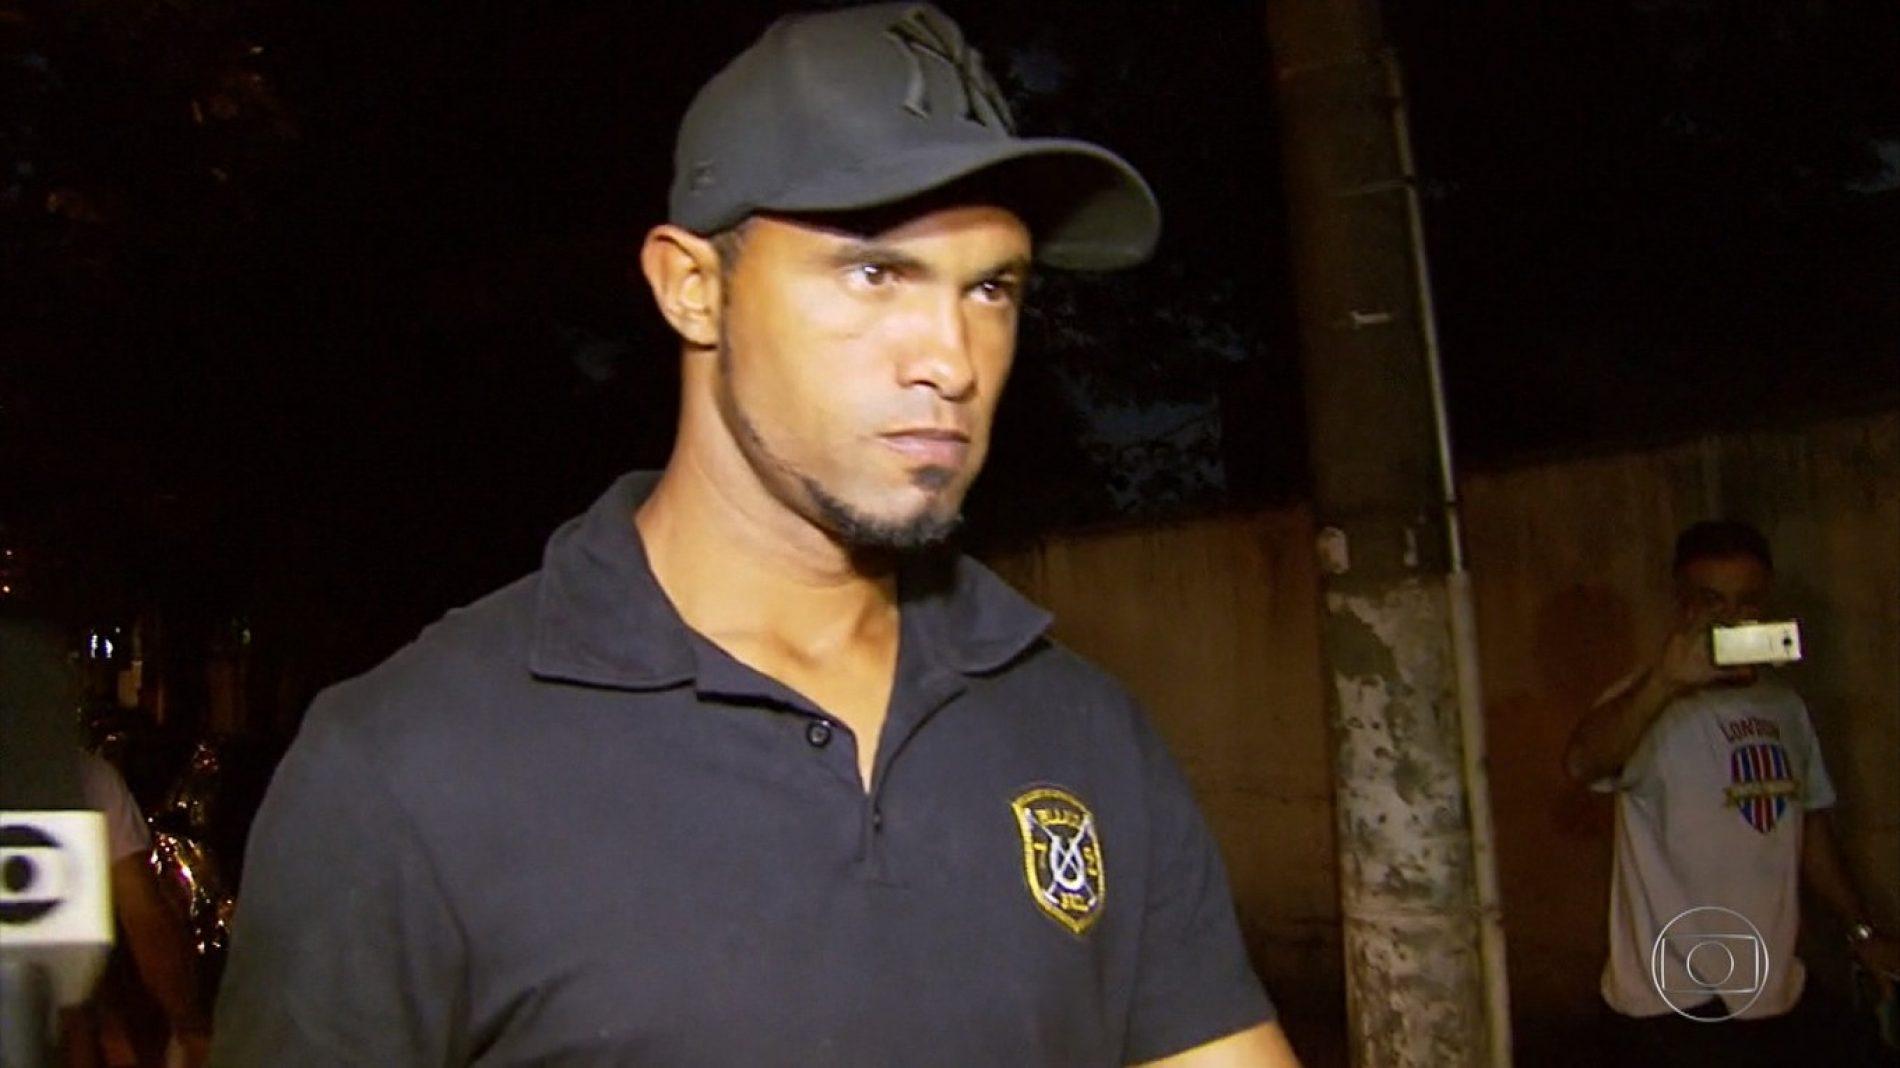 Goleiro Bruno passa para o regime semiaberto e deixa a prisão